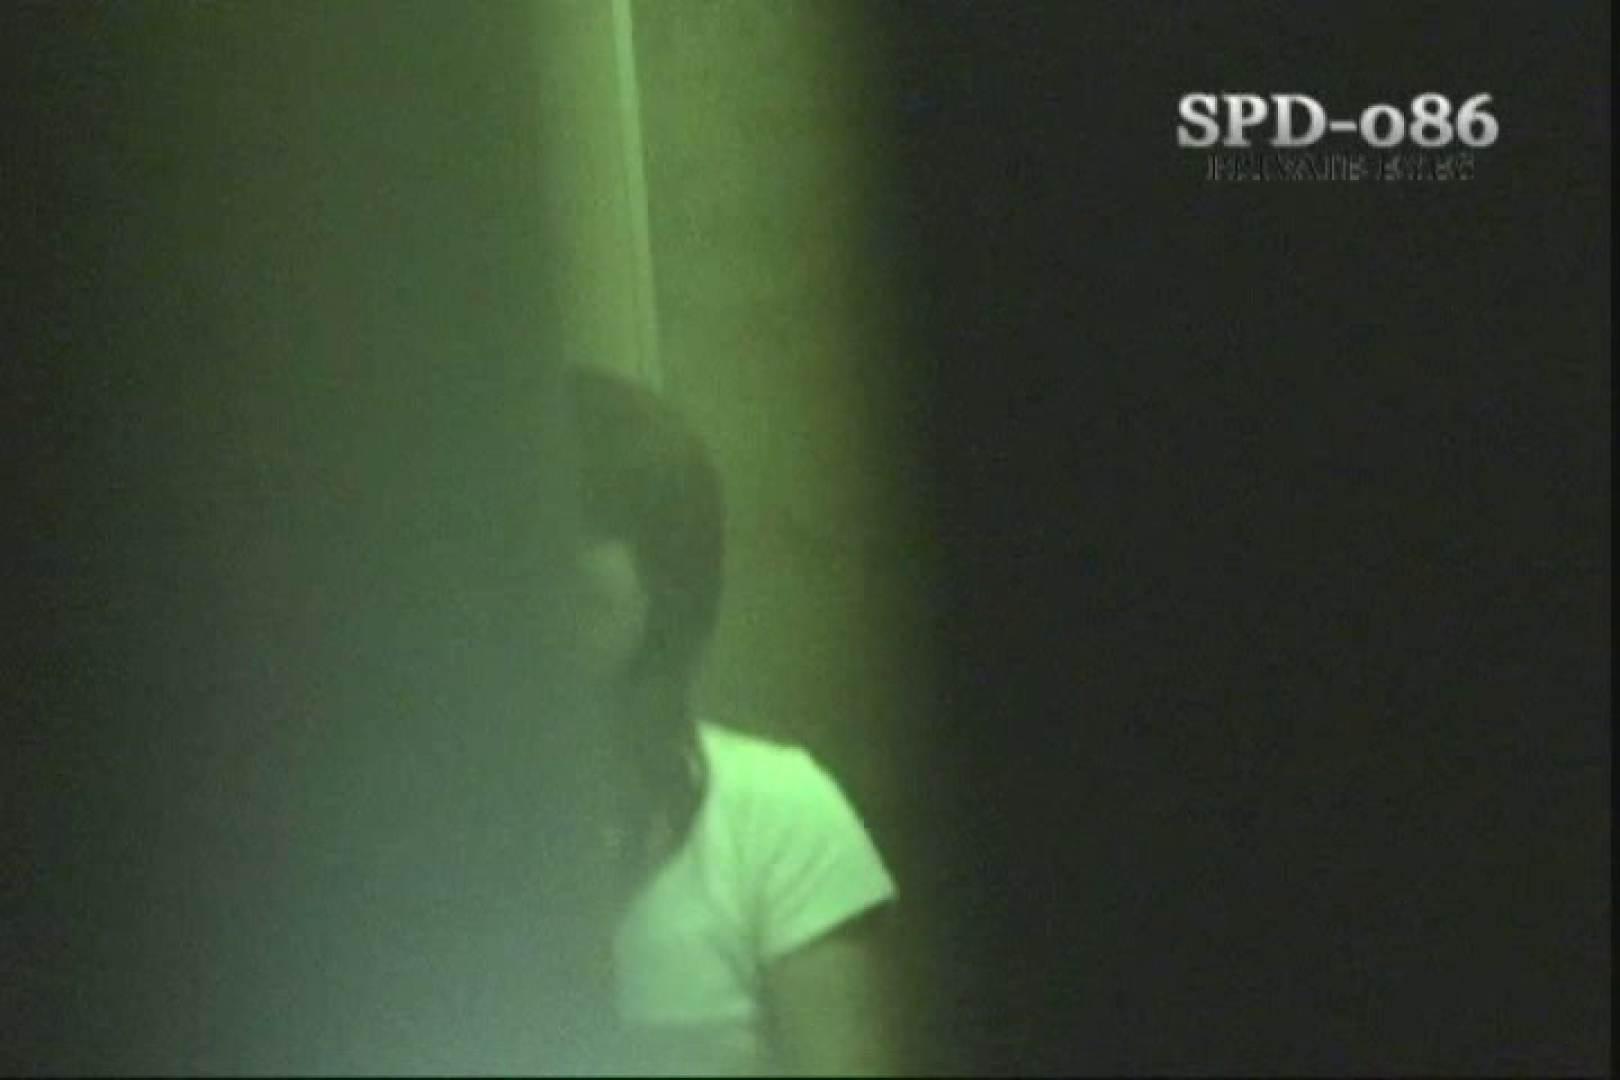 高画質版!SPD-086 盗撮・厠の隙間 3 ~厠盗撮に革命前代未分の映像~ 盗撮 アダルト動画キャプチャ 28連発 17